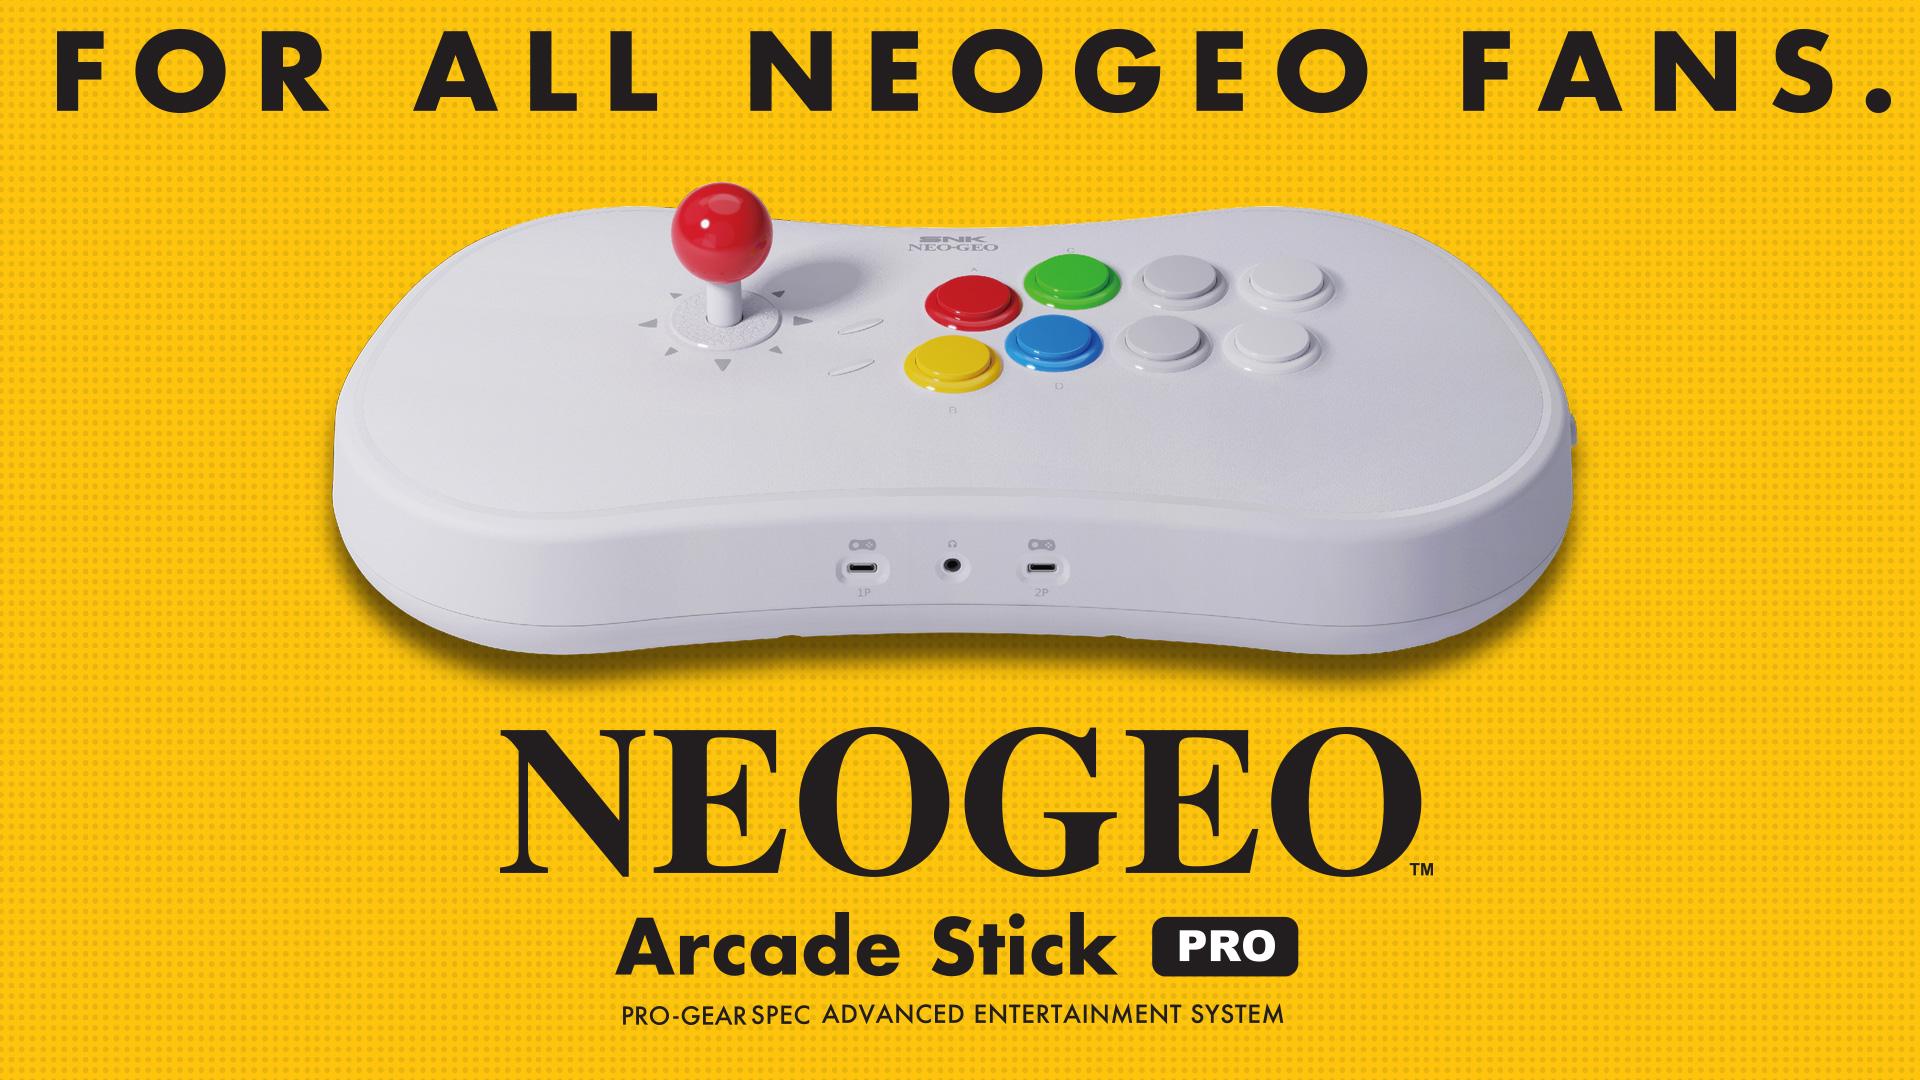 「NEOGEO Arcade Stick Pro」追加情報発表!仕様や収録タイトルが明らかに!